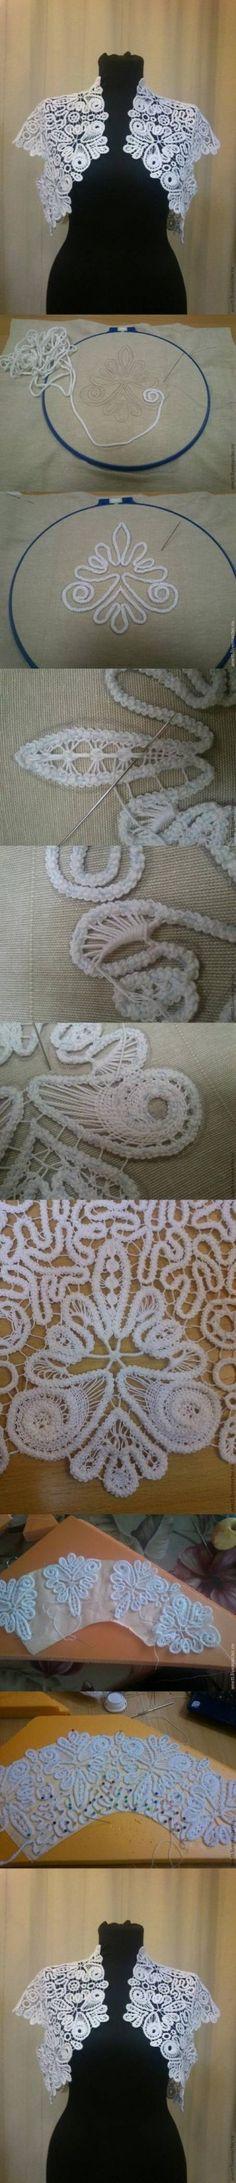 DIY Romanian Lace girly lace craft diy easy crafts diy ideas craft shirt diy fashion craft clothes diy clothes diy crafts do it yourself sewing crafts easy diy clothing easy craft sewing diy tutorials